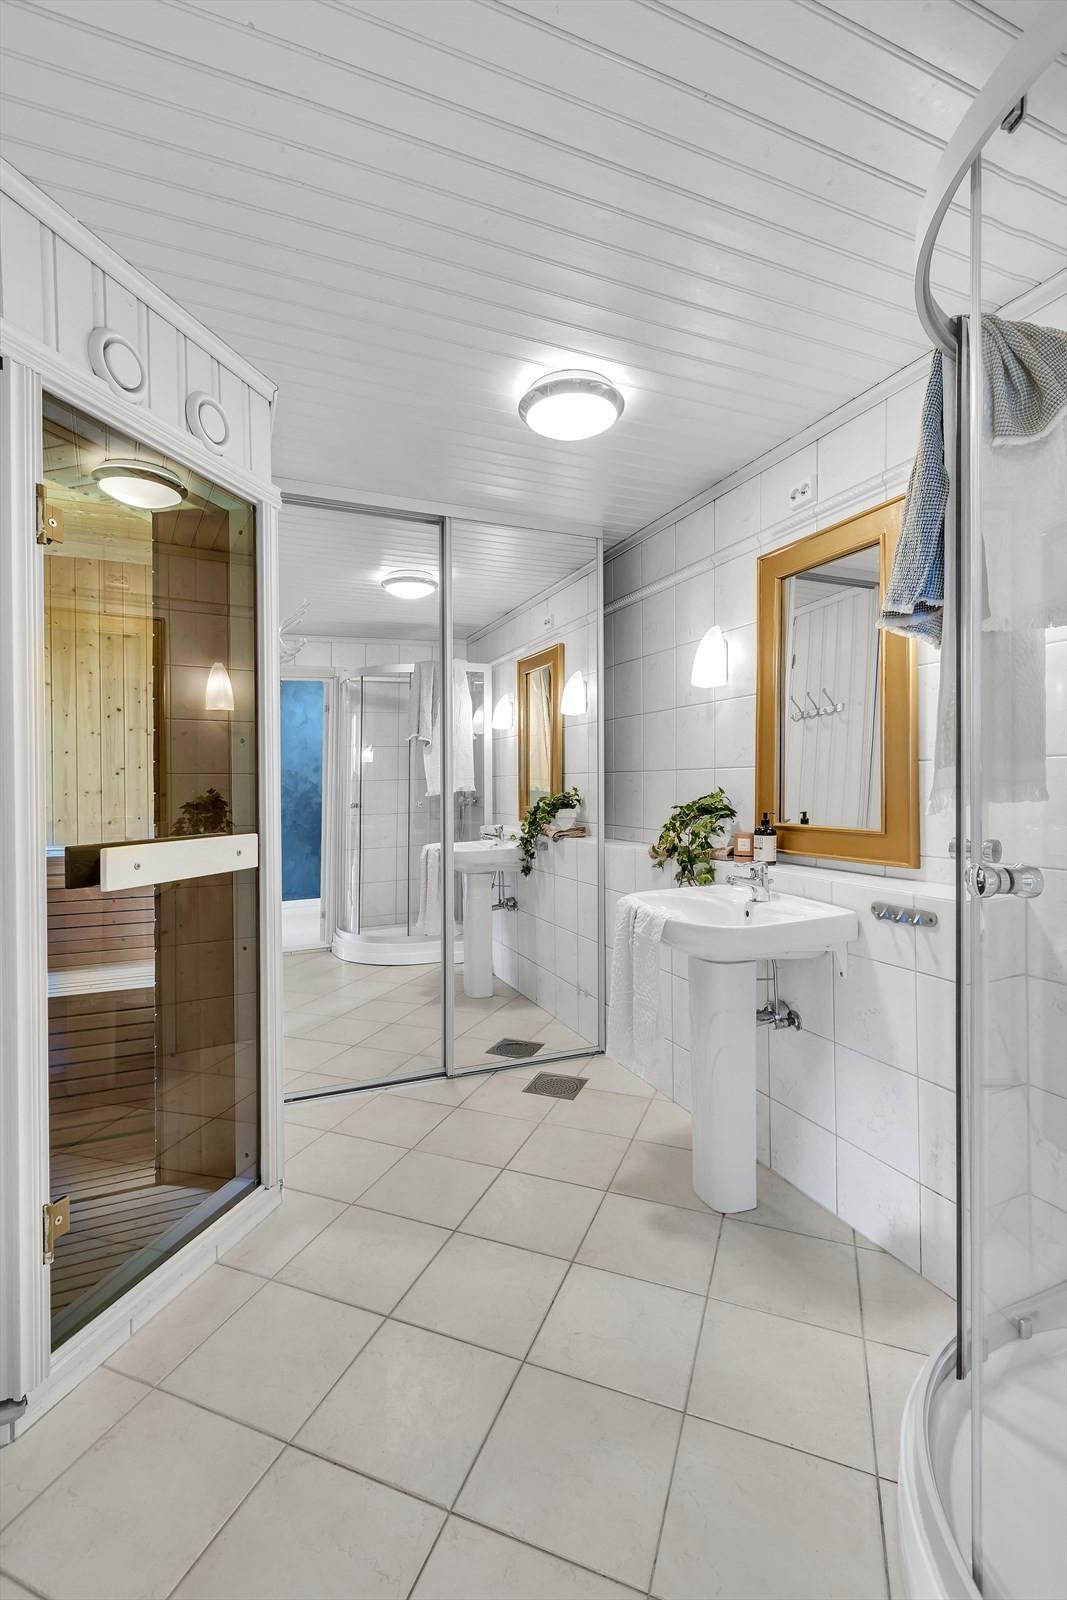 Badet har fliser på gulv med gulvvarme